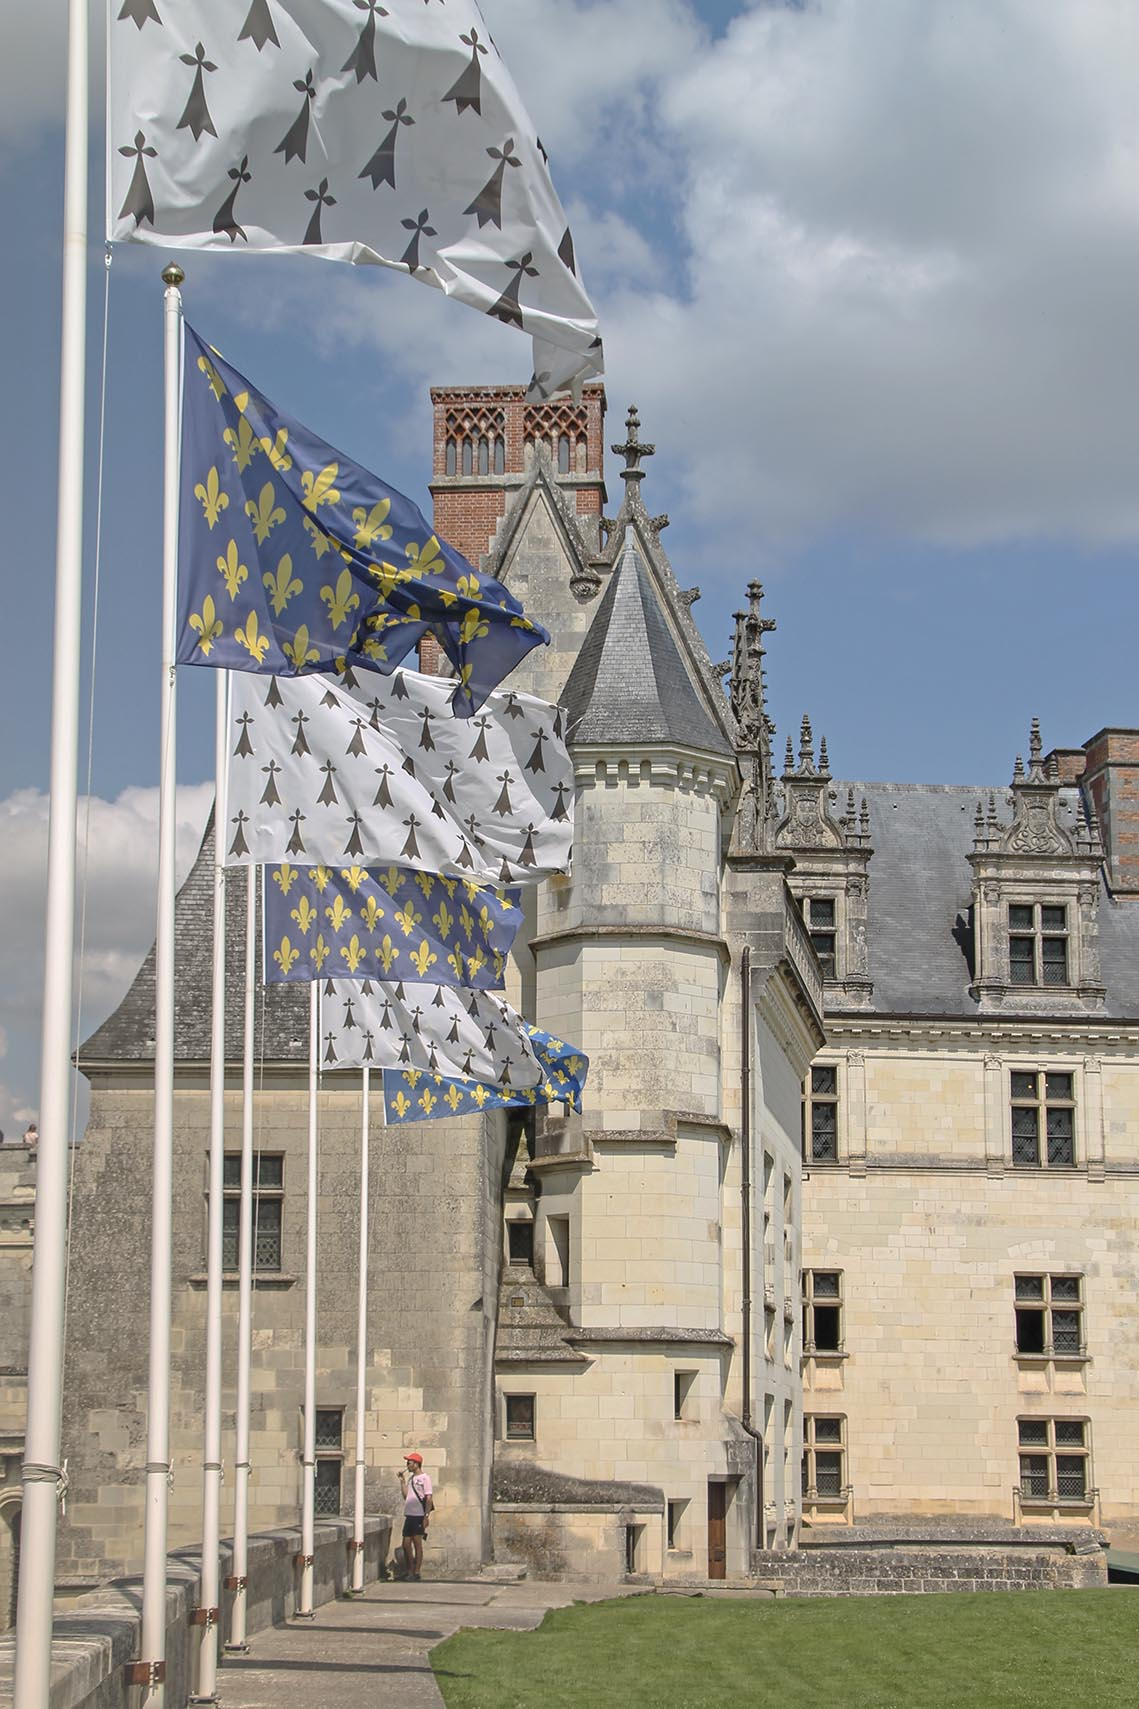 Bandeiras medievais